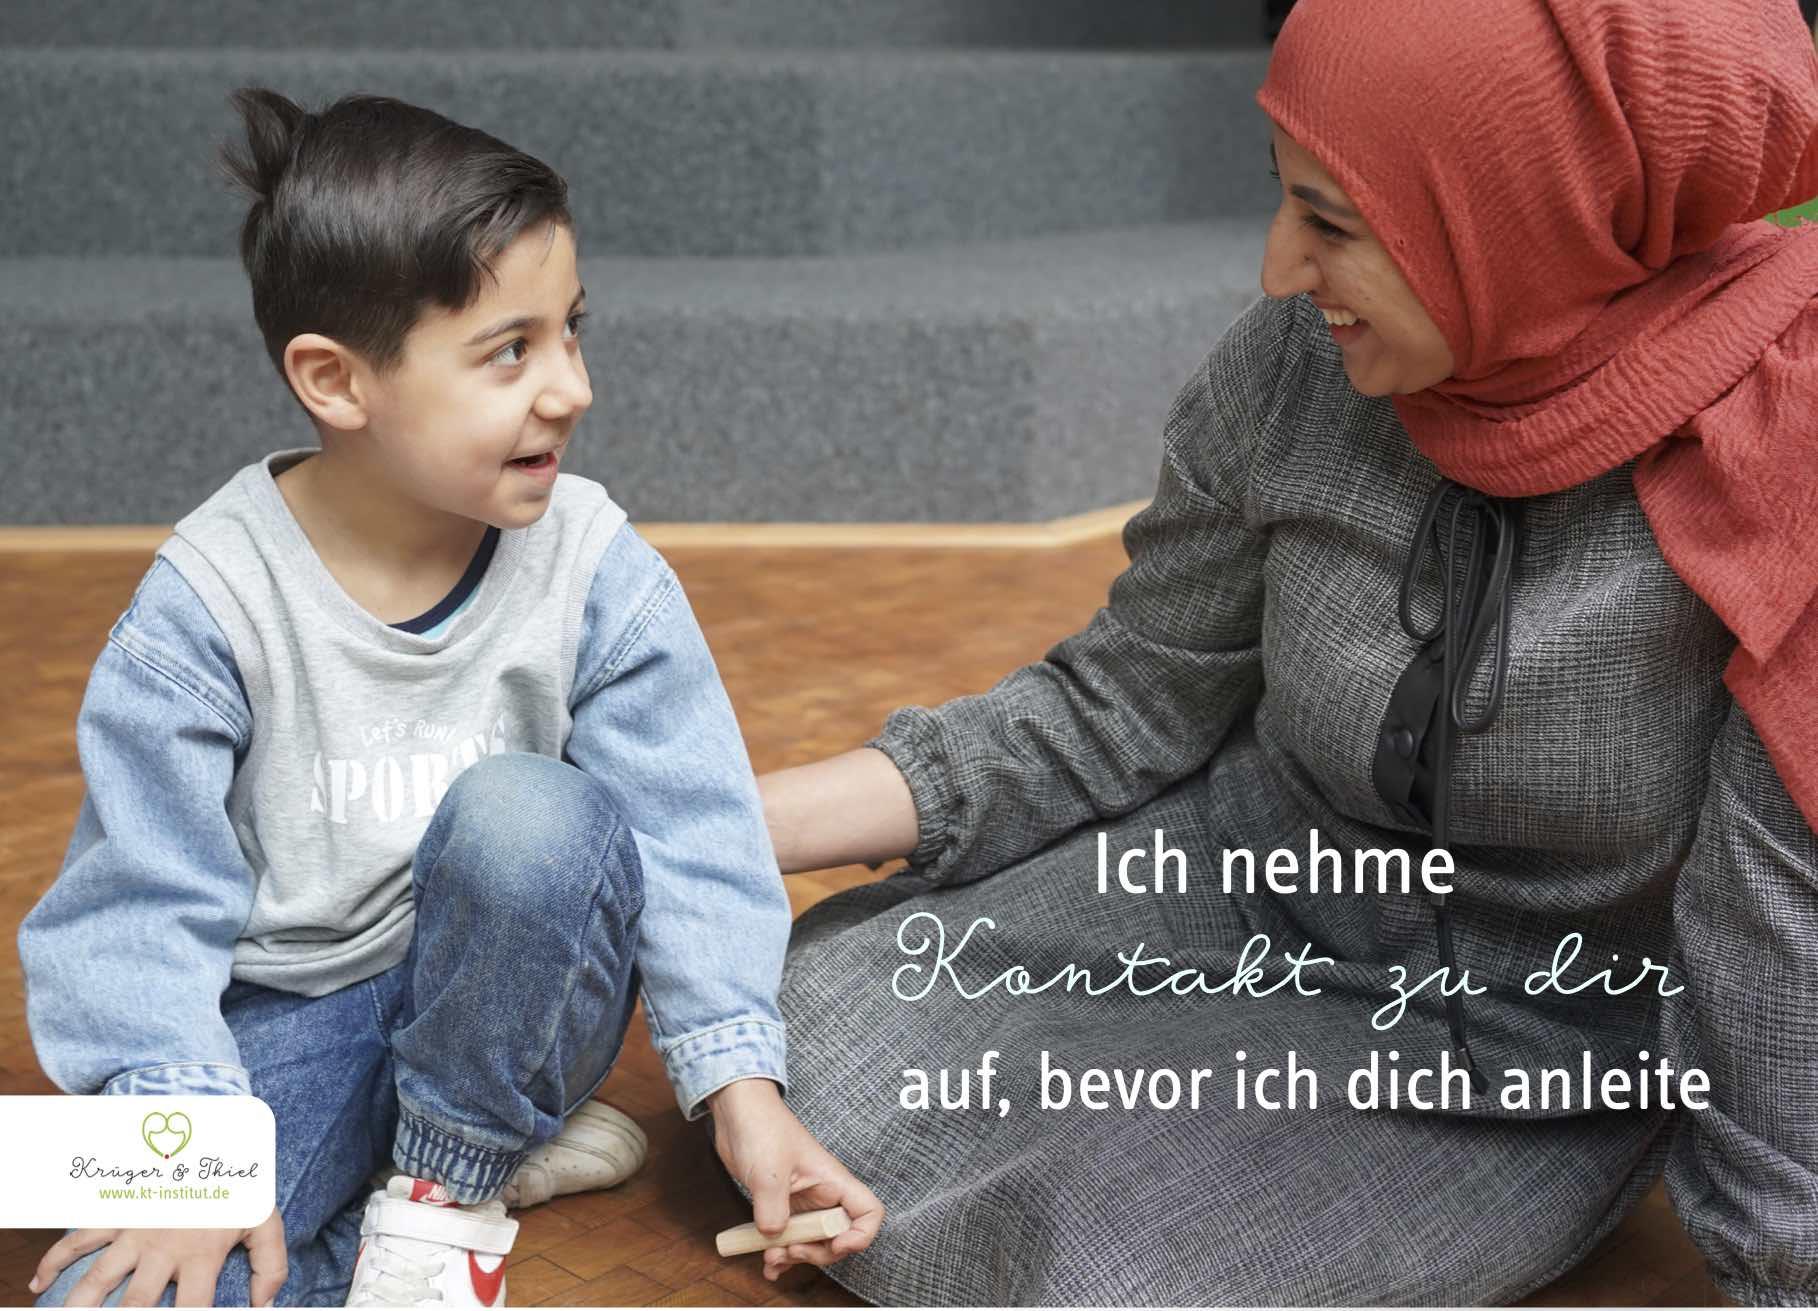 Die Mutter lächelt ihrem Sohn aufmunternd zu.